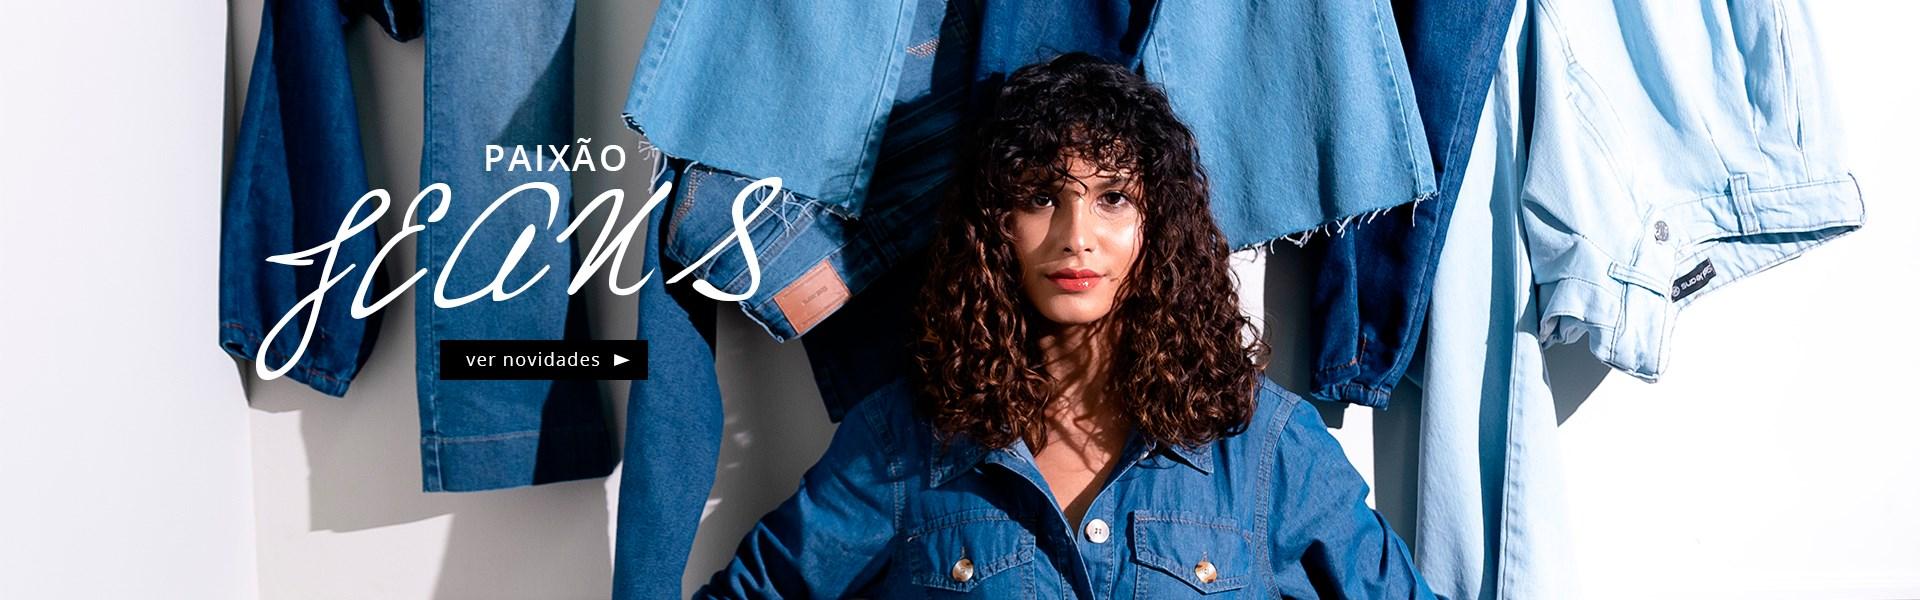 novidade em jeans